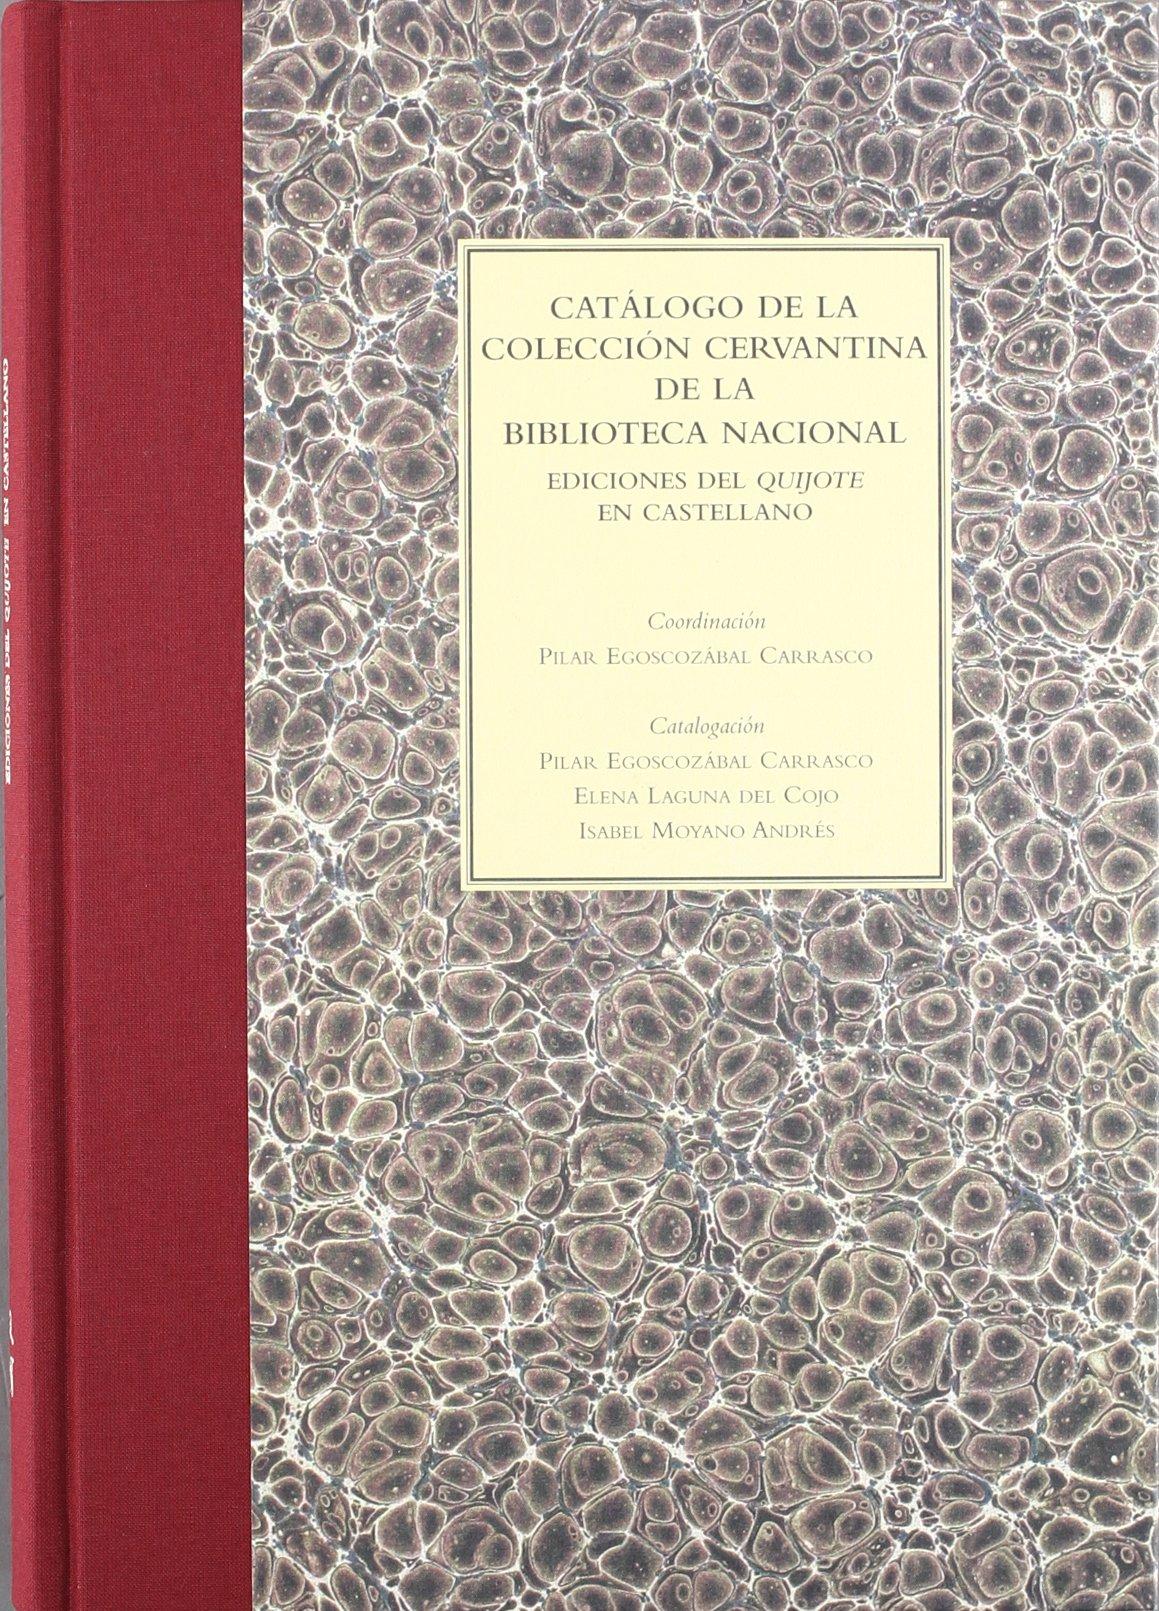 Catálogo de la colección cervantina de la Biblioteca Nacional. Ediciones del Quijote en castellano: Amazon.es: Vv.Aa, Vv.Aa: Libros